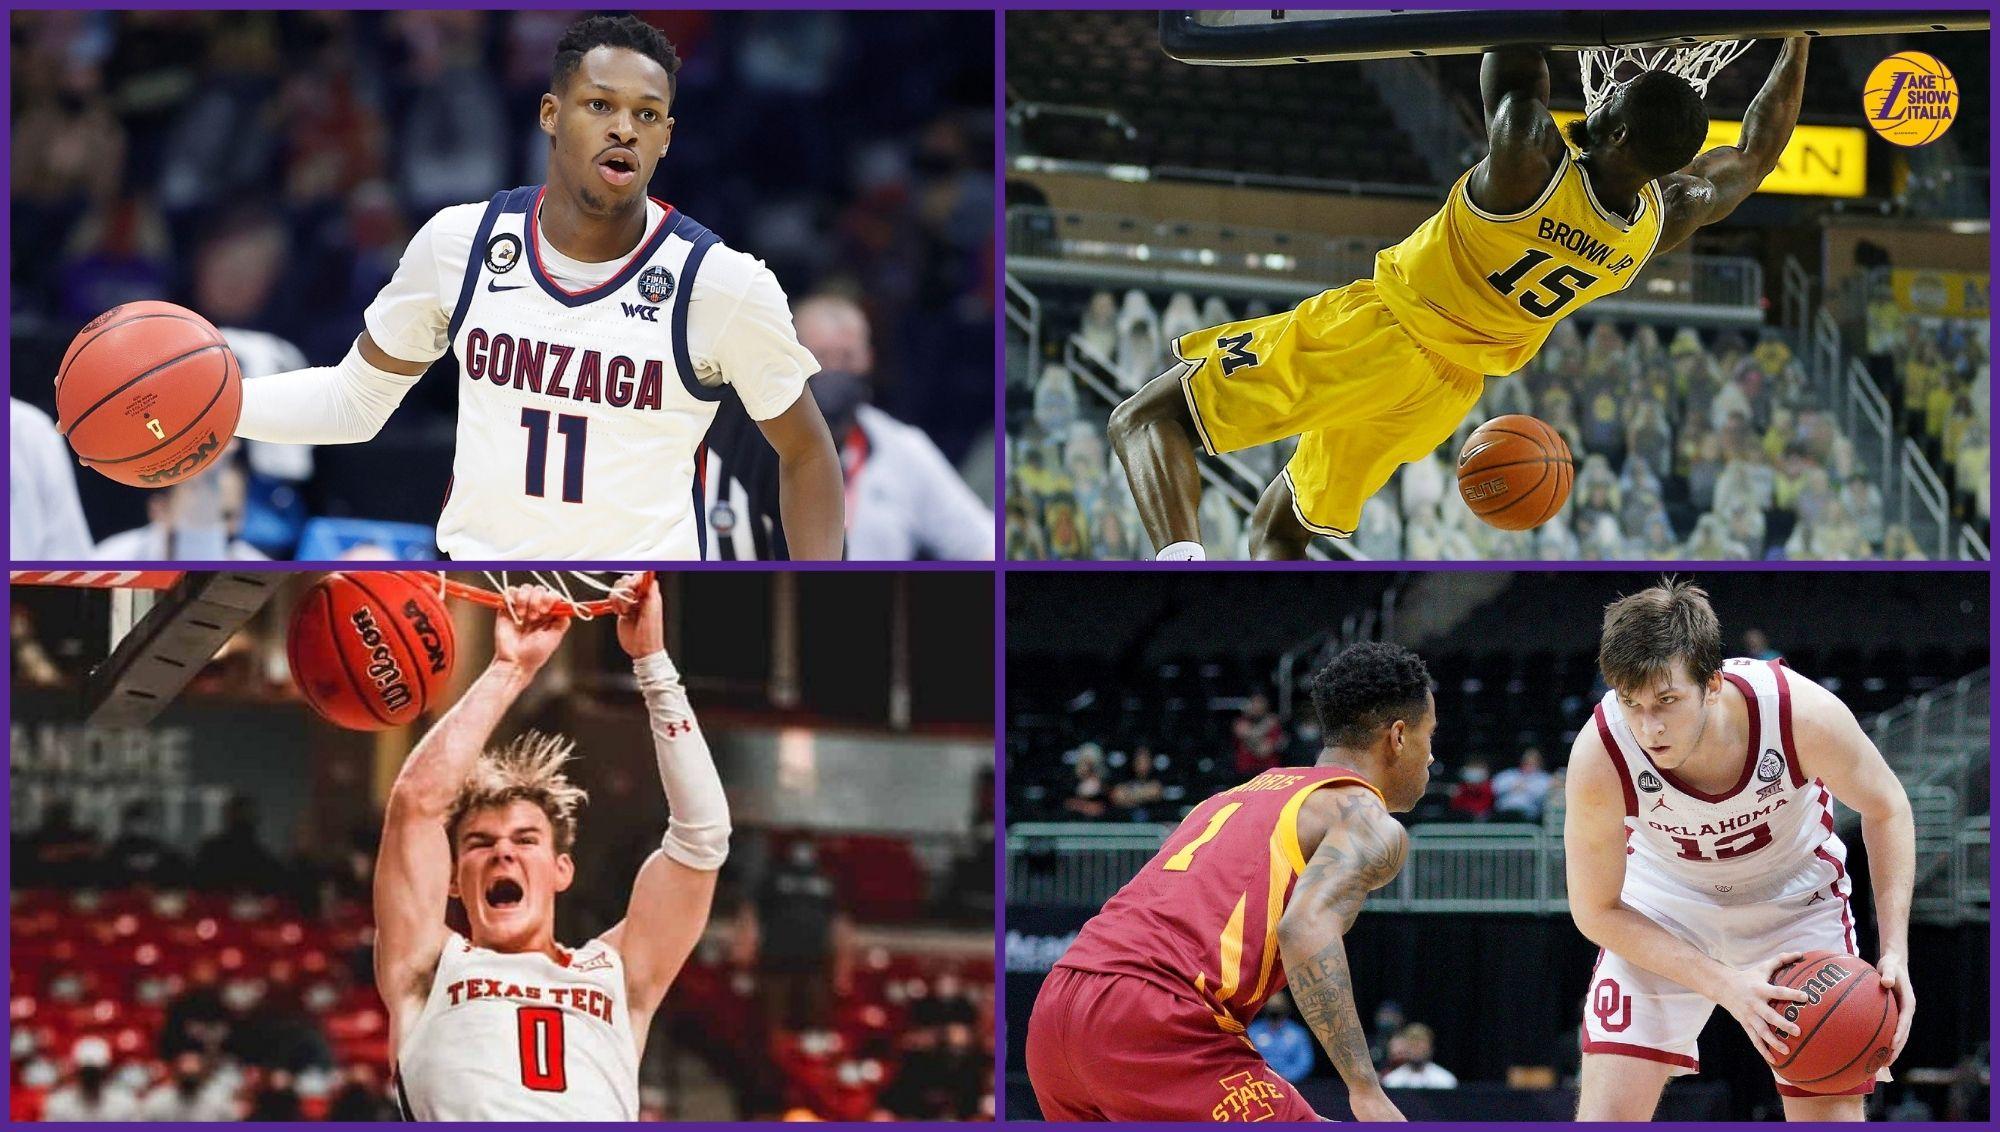 Al termine del Draft i Lakers hanno firmato Joel Ayayi e Austin Reeves come two-way player, Chaundee Brown e Mac McClung con dei decadali.